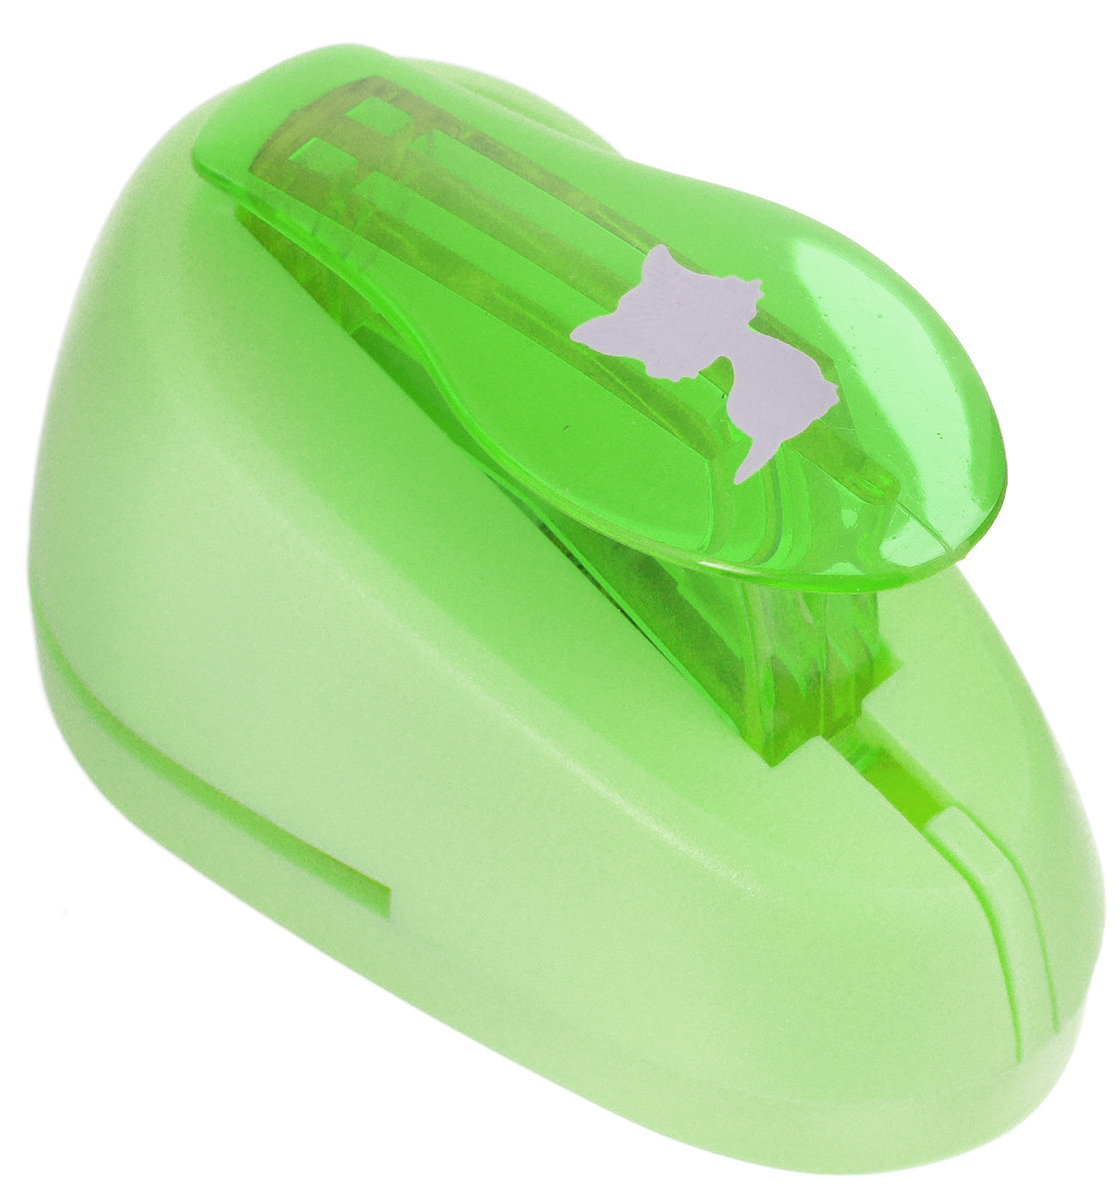 Дырокол фигурный Hobbyboom Котенок, №368, цвет: зеленый, 1,8 смCD-99S-368_зеленыйФигурный дырокол Hobbyboom Котенок, изготовленный из пластика и металла, используется в скрапбукинге для создания оригинальных открыток, а также оформления подарков, в бумажном творчестве. Рисунок прорези указан на ручке дырокола.Вырезанный элемент также можно использовать для украшения.Предназначен для бумаги определенной плотности - 80-200 г/м2. При применении на бумаге большей плотности или на картоне, дырокол быстро затупится.Размер готовой фигурки: 1,5 см х 1,3 см.